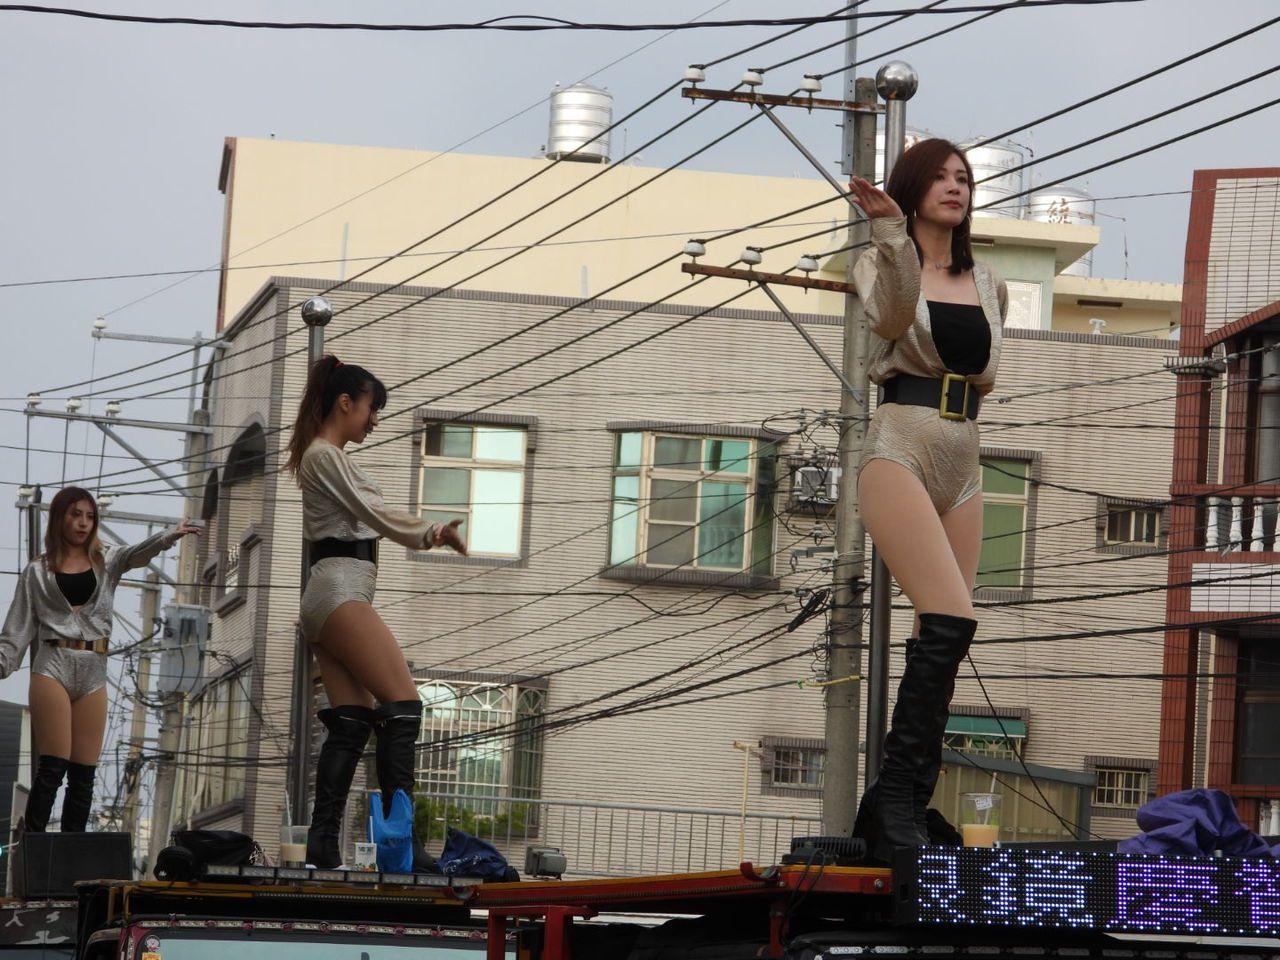 少女在鋼管吉普車上熱舞,吸引許多目光。記者周宗禎/攝影